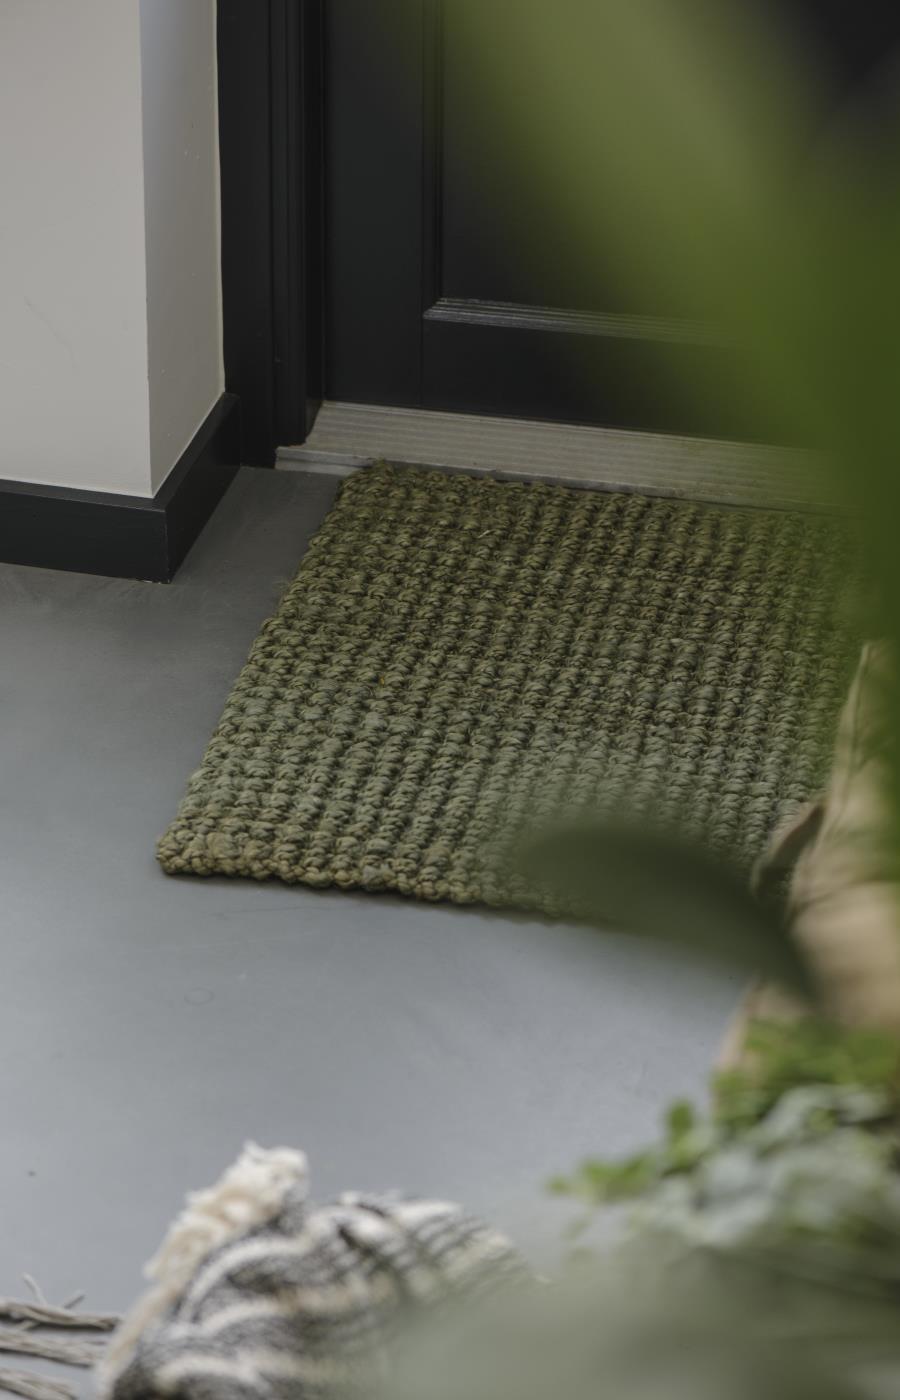 Fußmatten & Fußabtreter, Bild 1